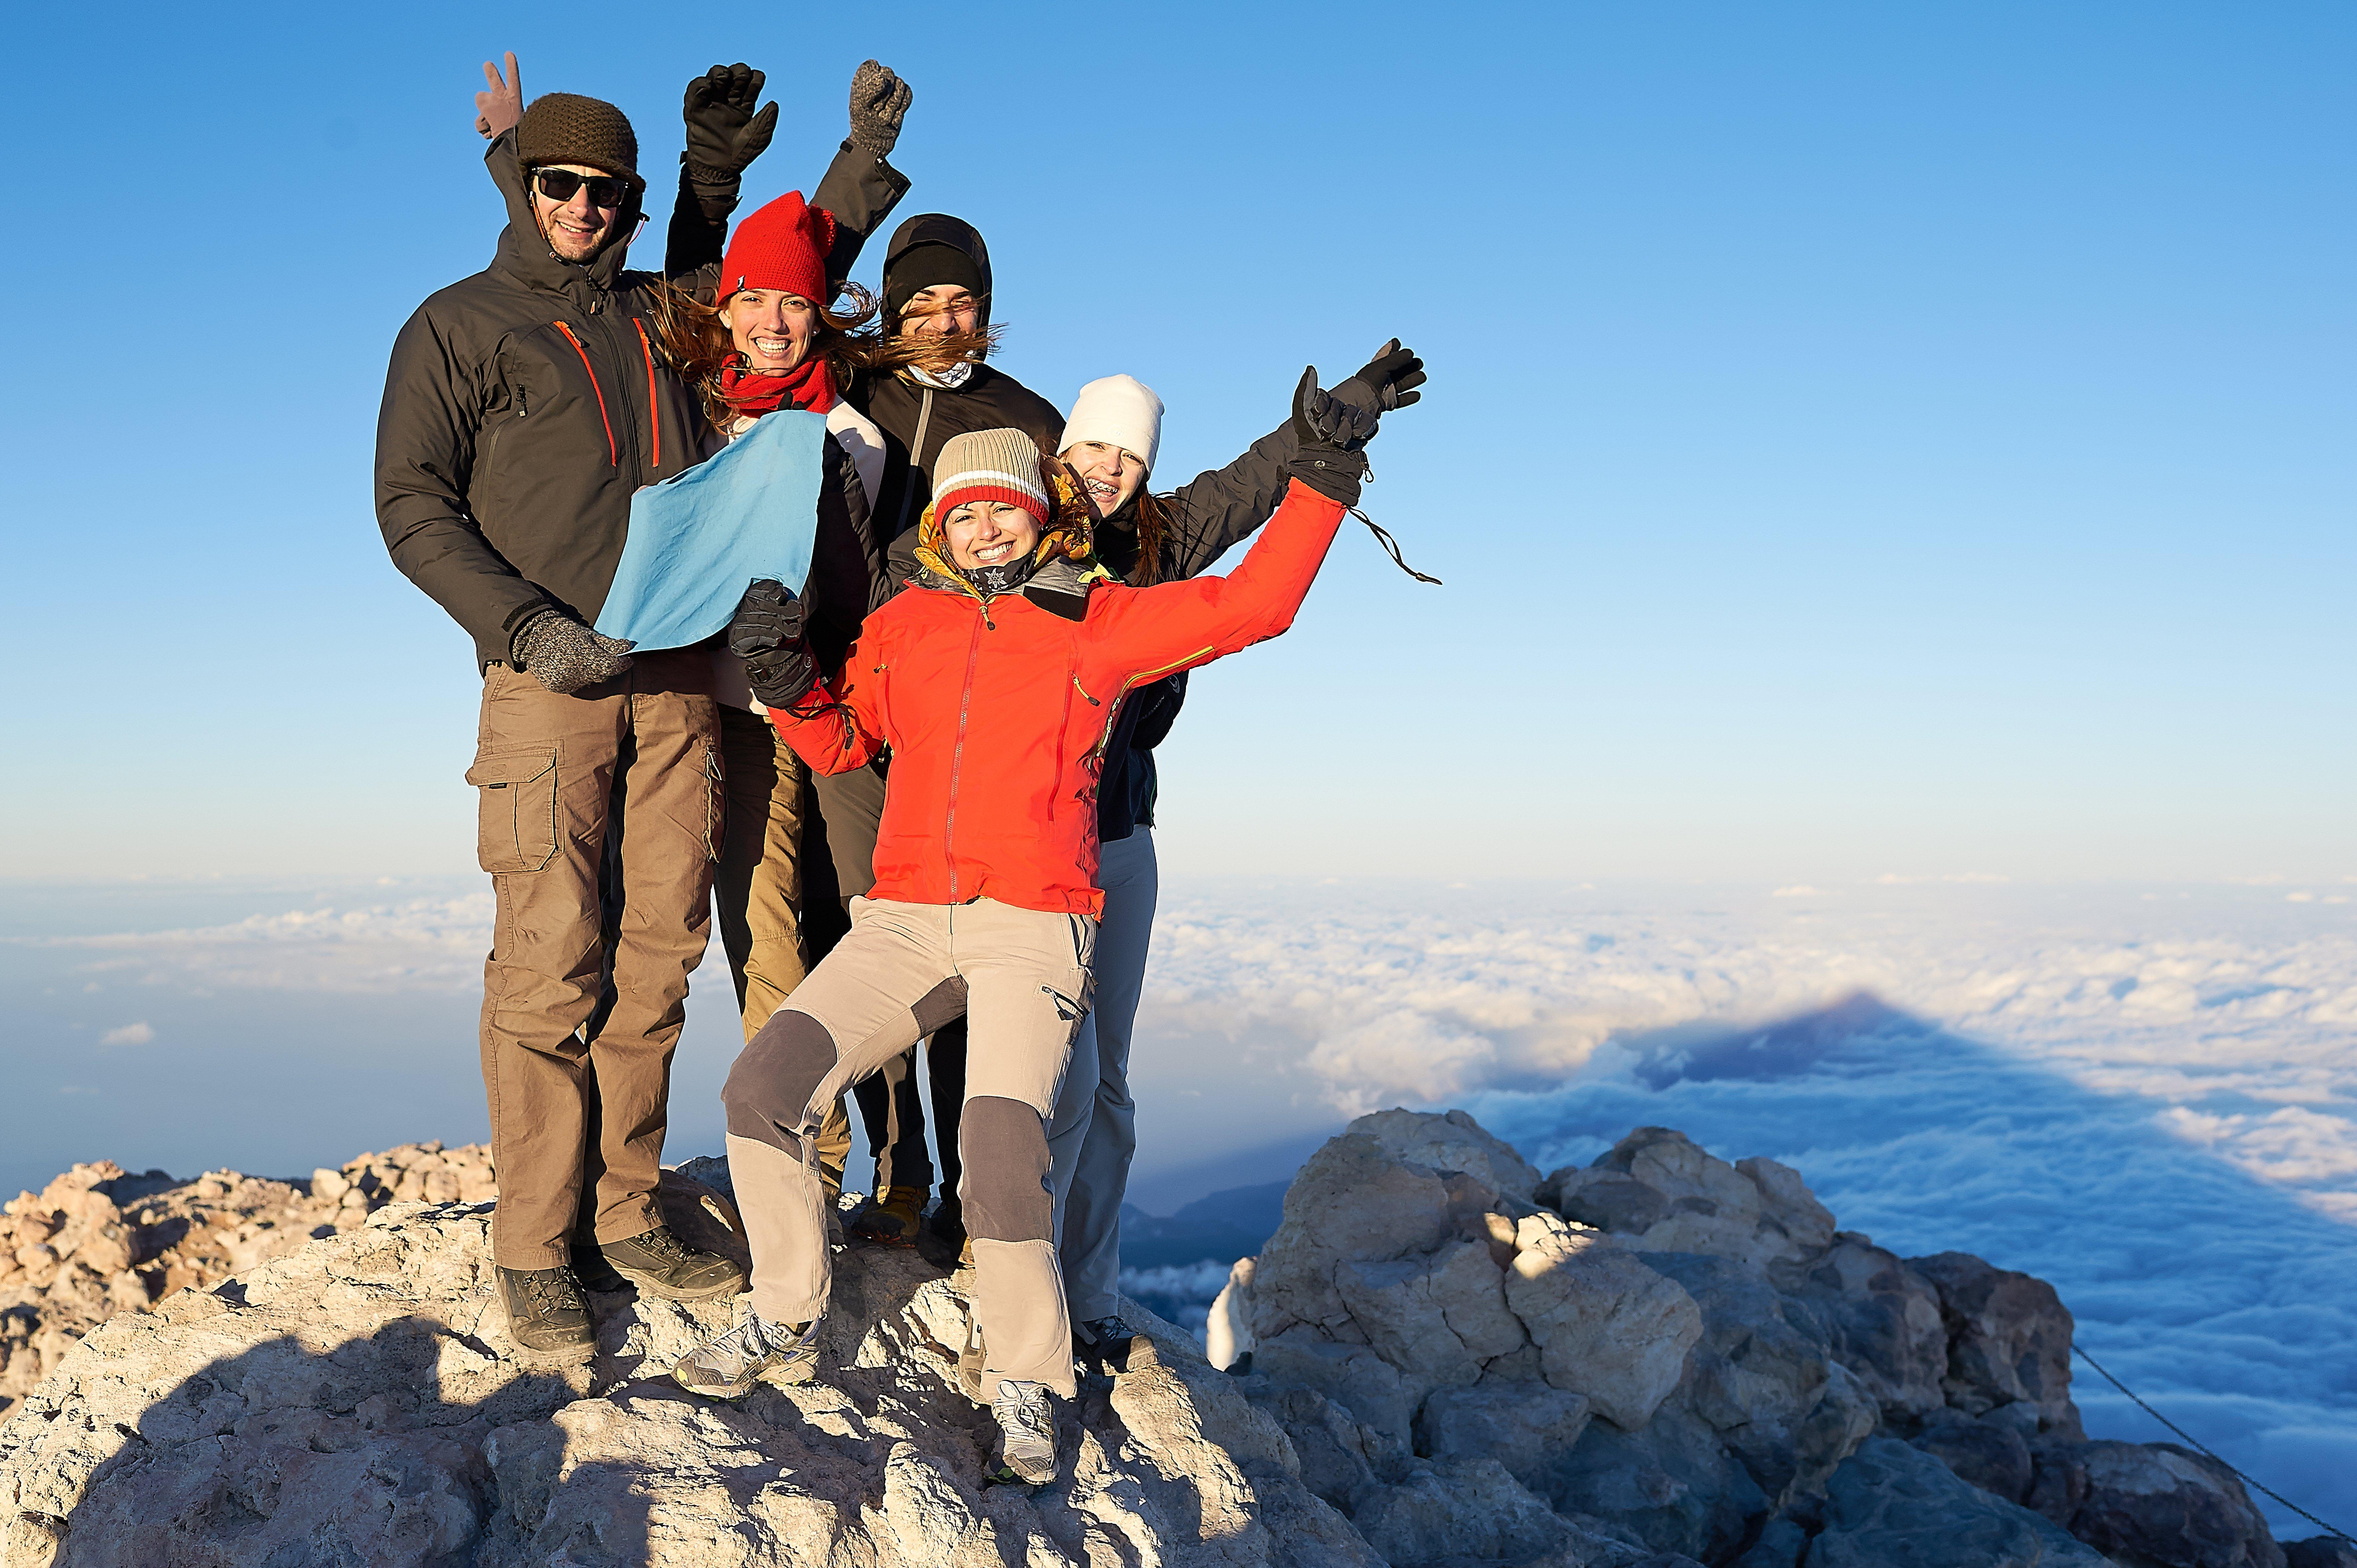 Visites guidées au Teide - Montée au Pic avec Téléphérique et un guide